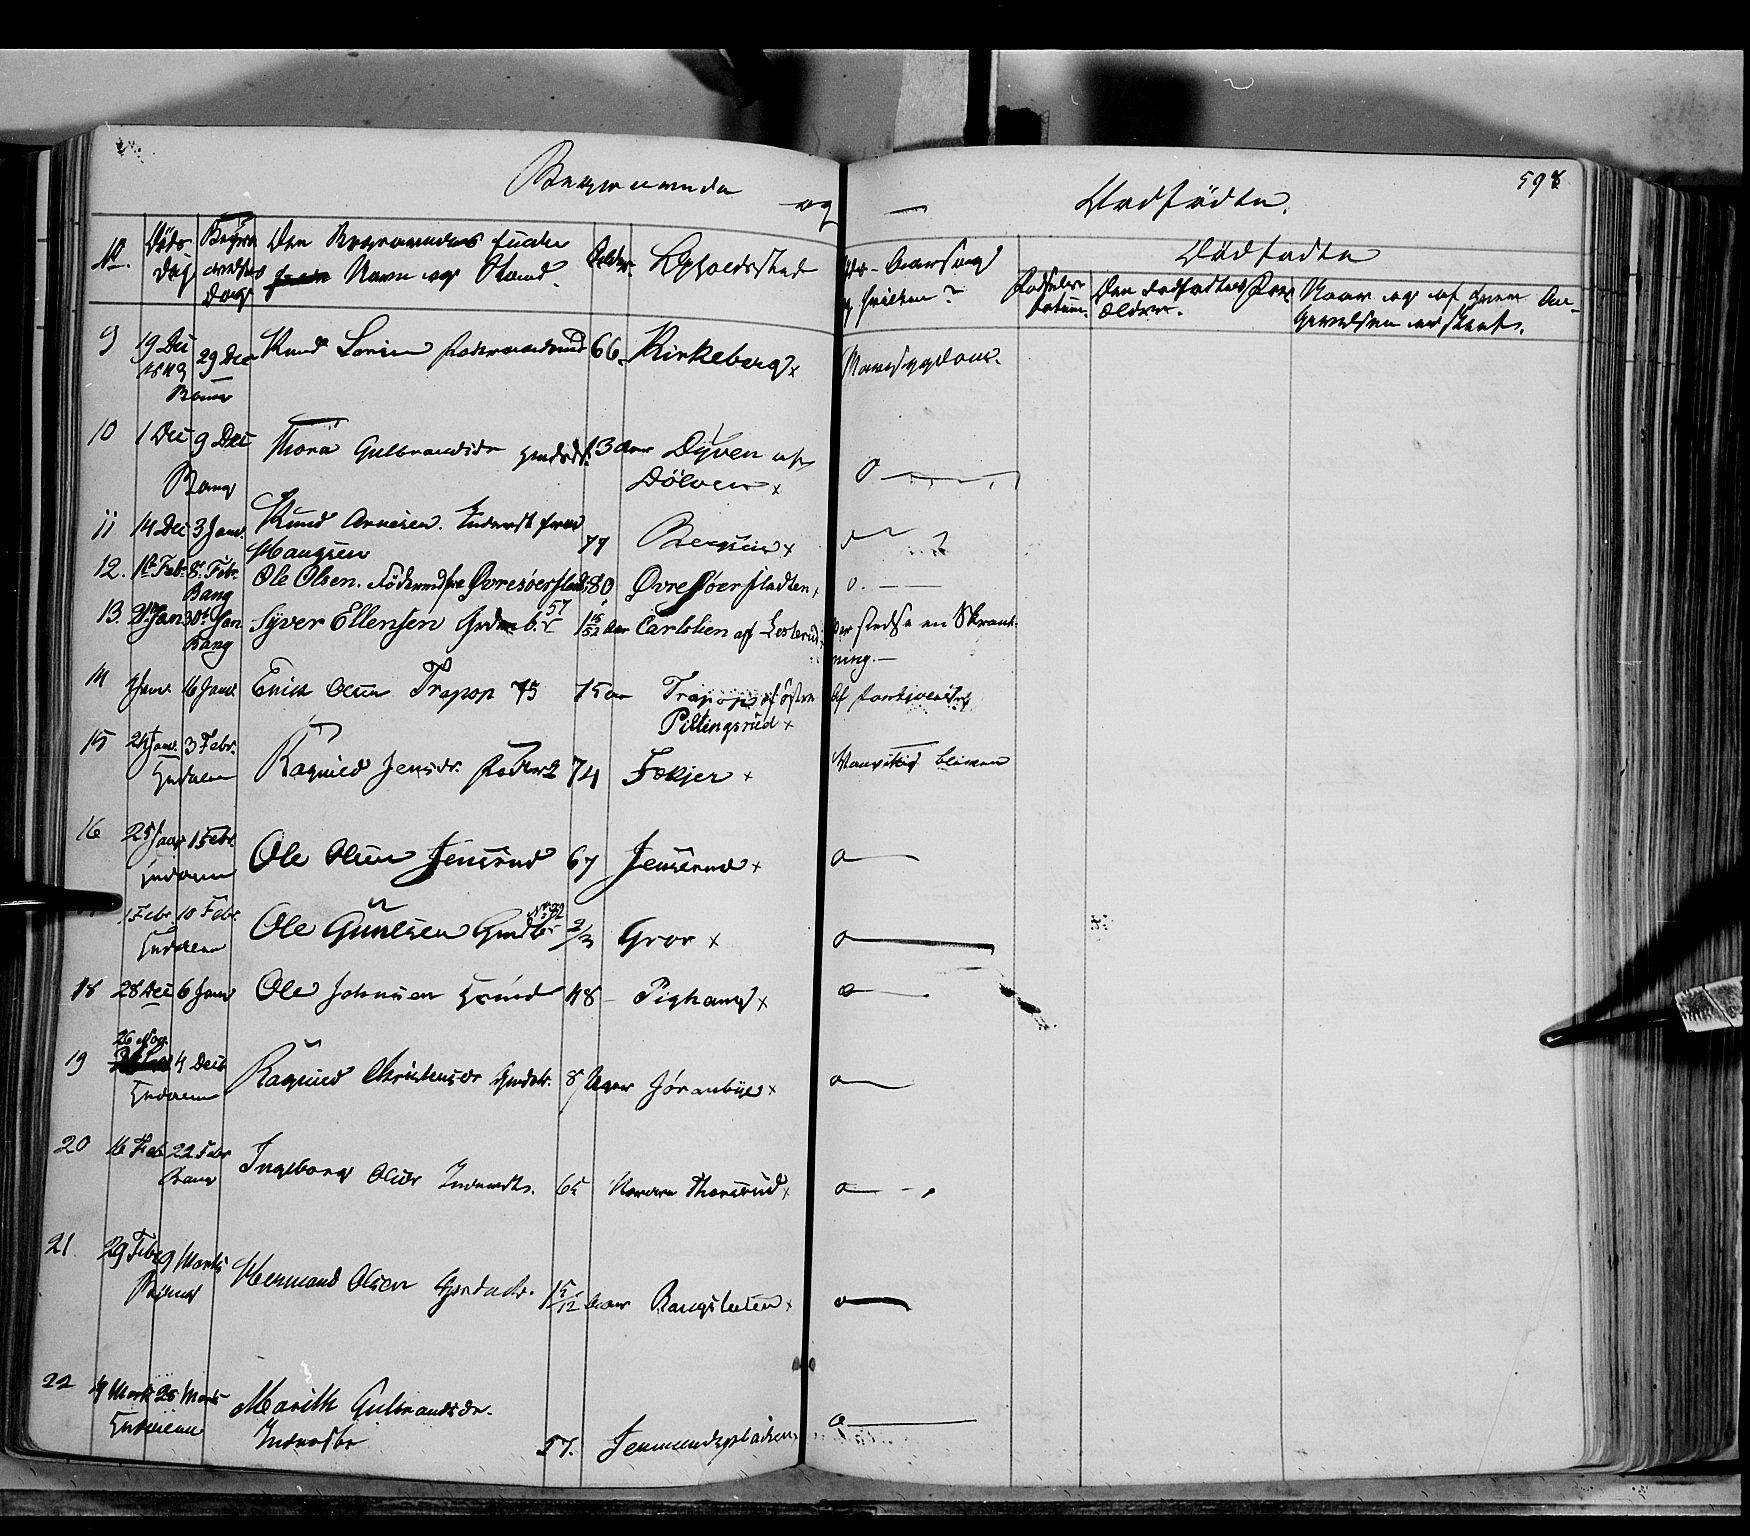 SAH, Sør-Aurdal prestekontor, Ministerialbok nr. 4, 1841-1849, s. 597-598